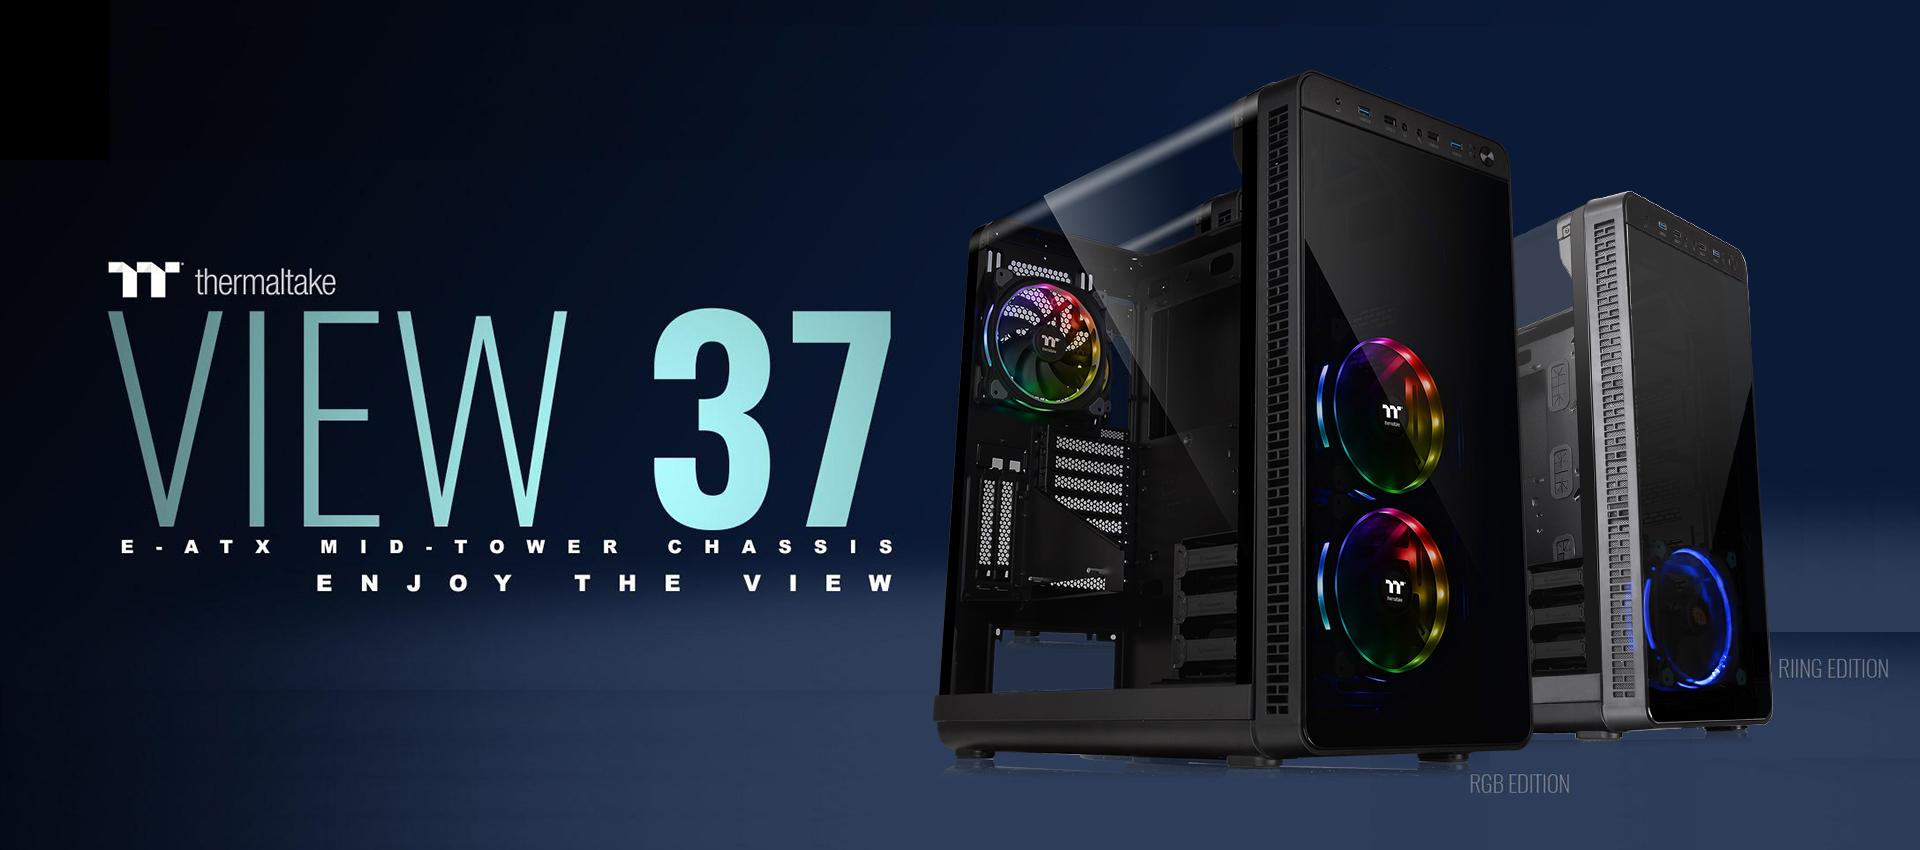 View 37 RGB Edition